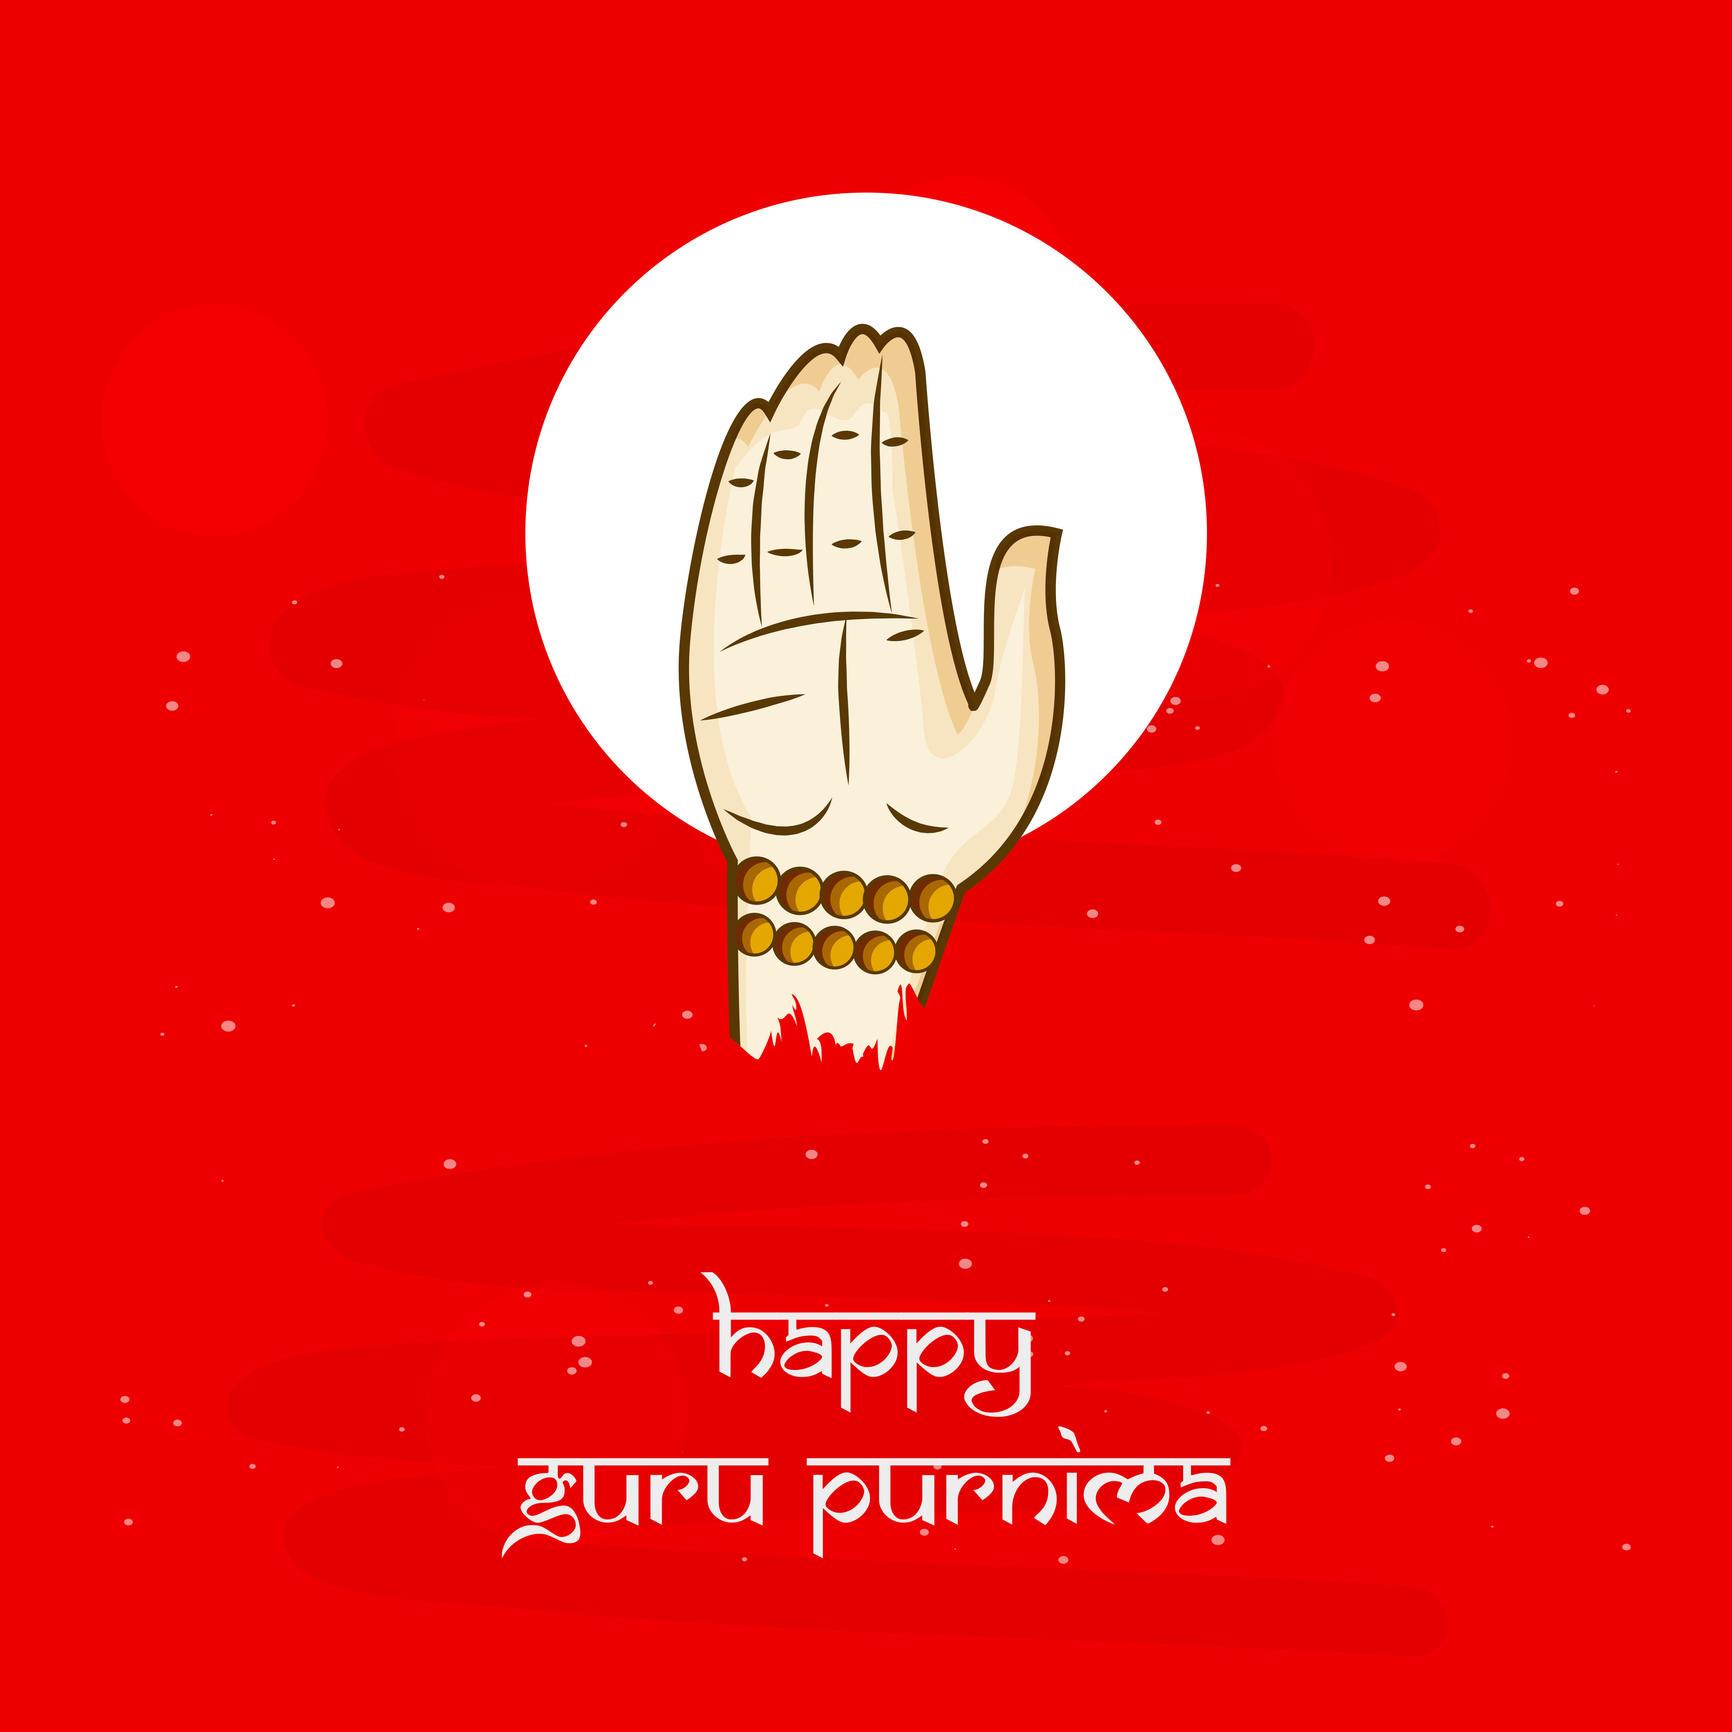 Happy Guru Purnima 2021: Wishes